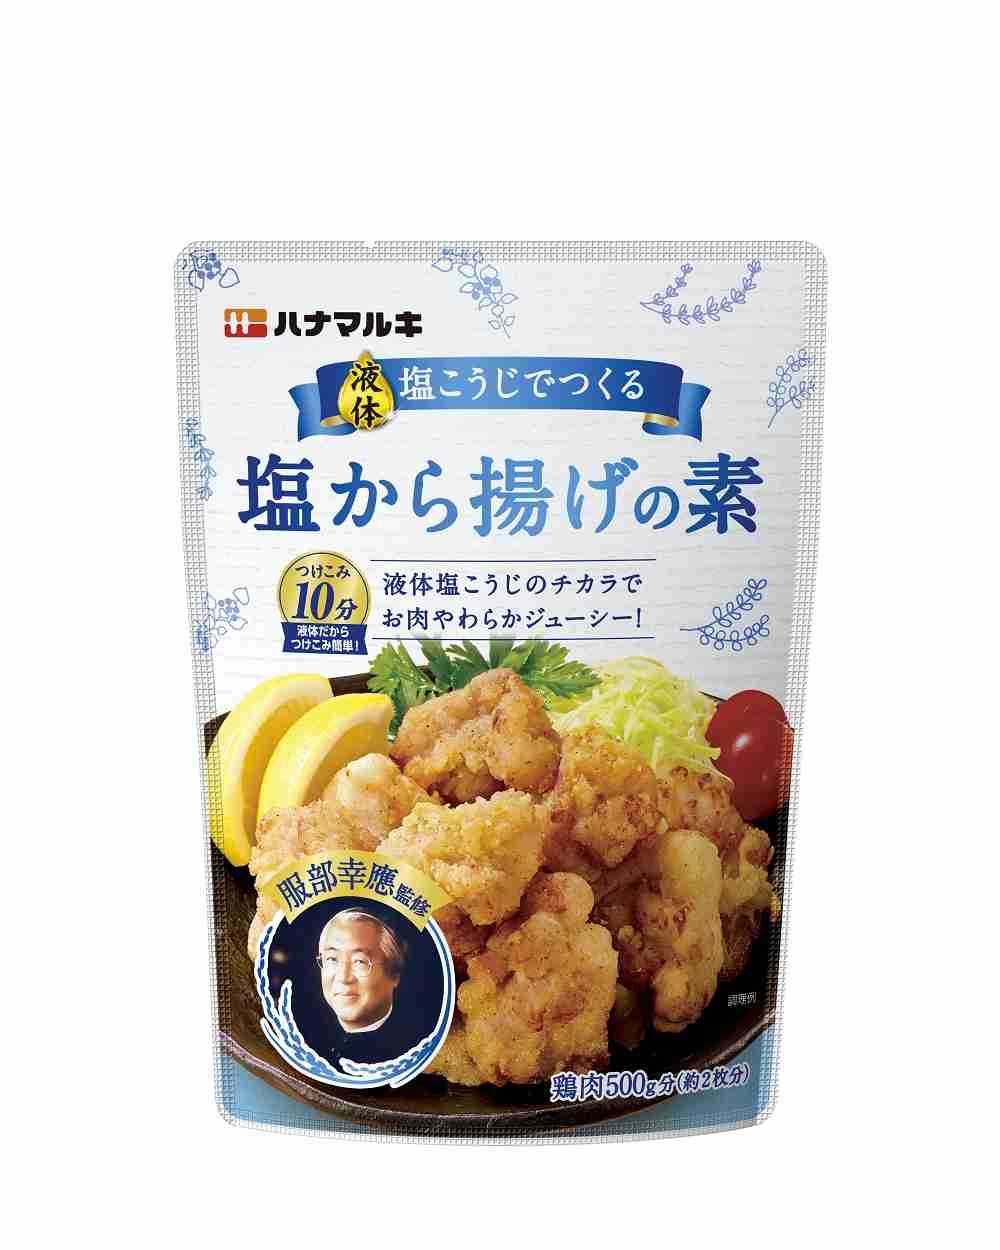 【求む】鶏むね肉レシピ